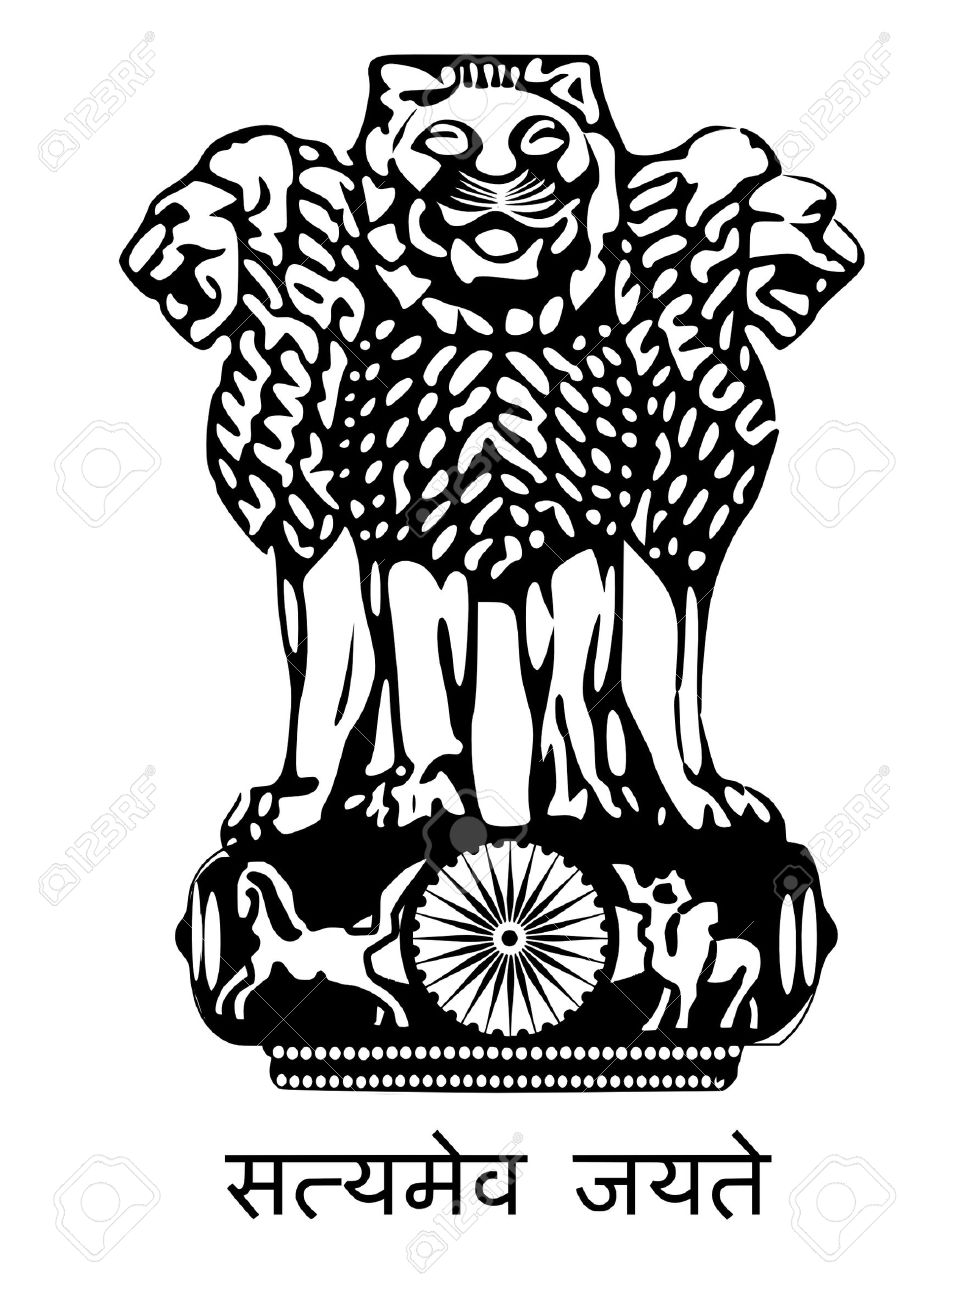 Armoiries De L'Inde Clip Art Libres De Droits , Vecteurs Et.